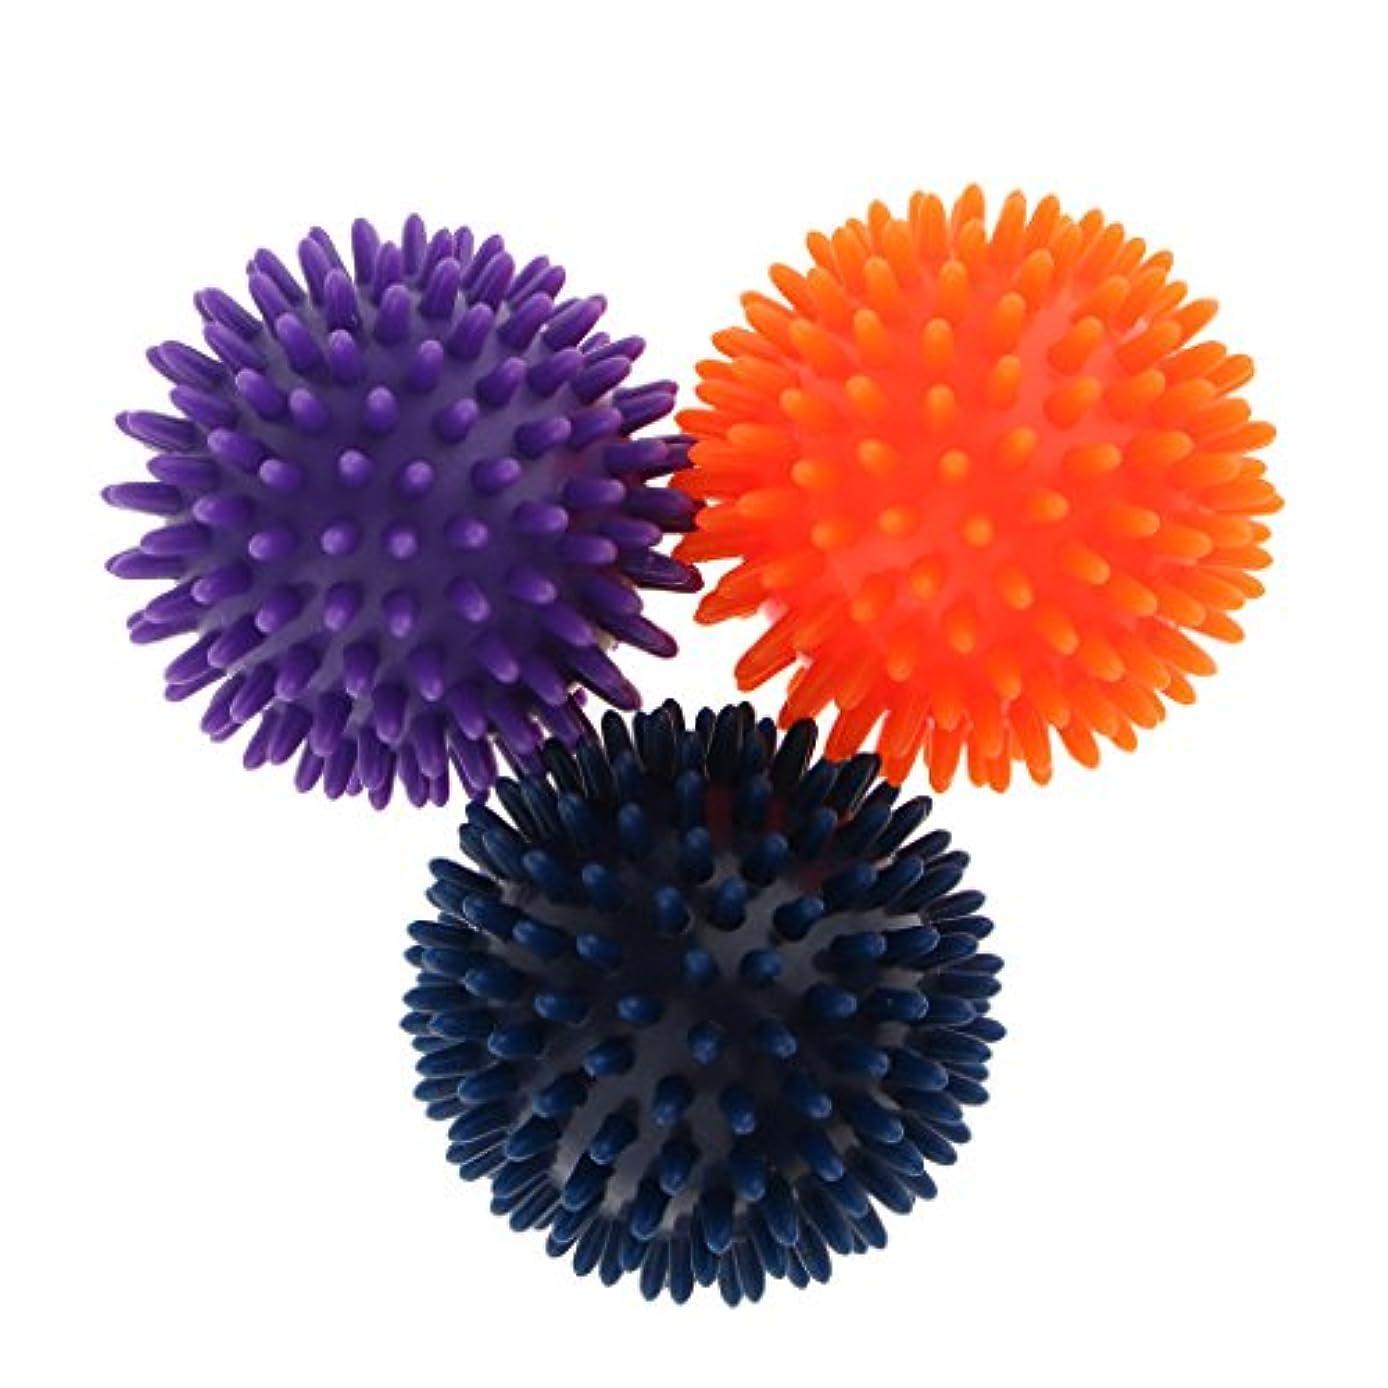 可塑性真実にメイトマッサージボール スパイシー マッサージ ボディトリガー リラックス 3個セット 2タイプ選べ - パープルオレンジブルー, 8cm